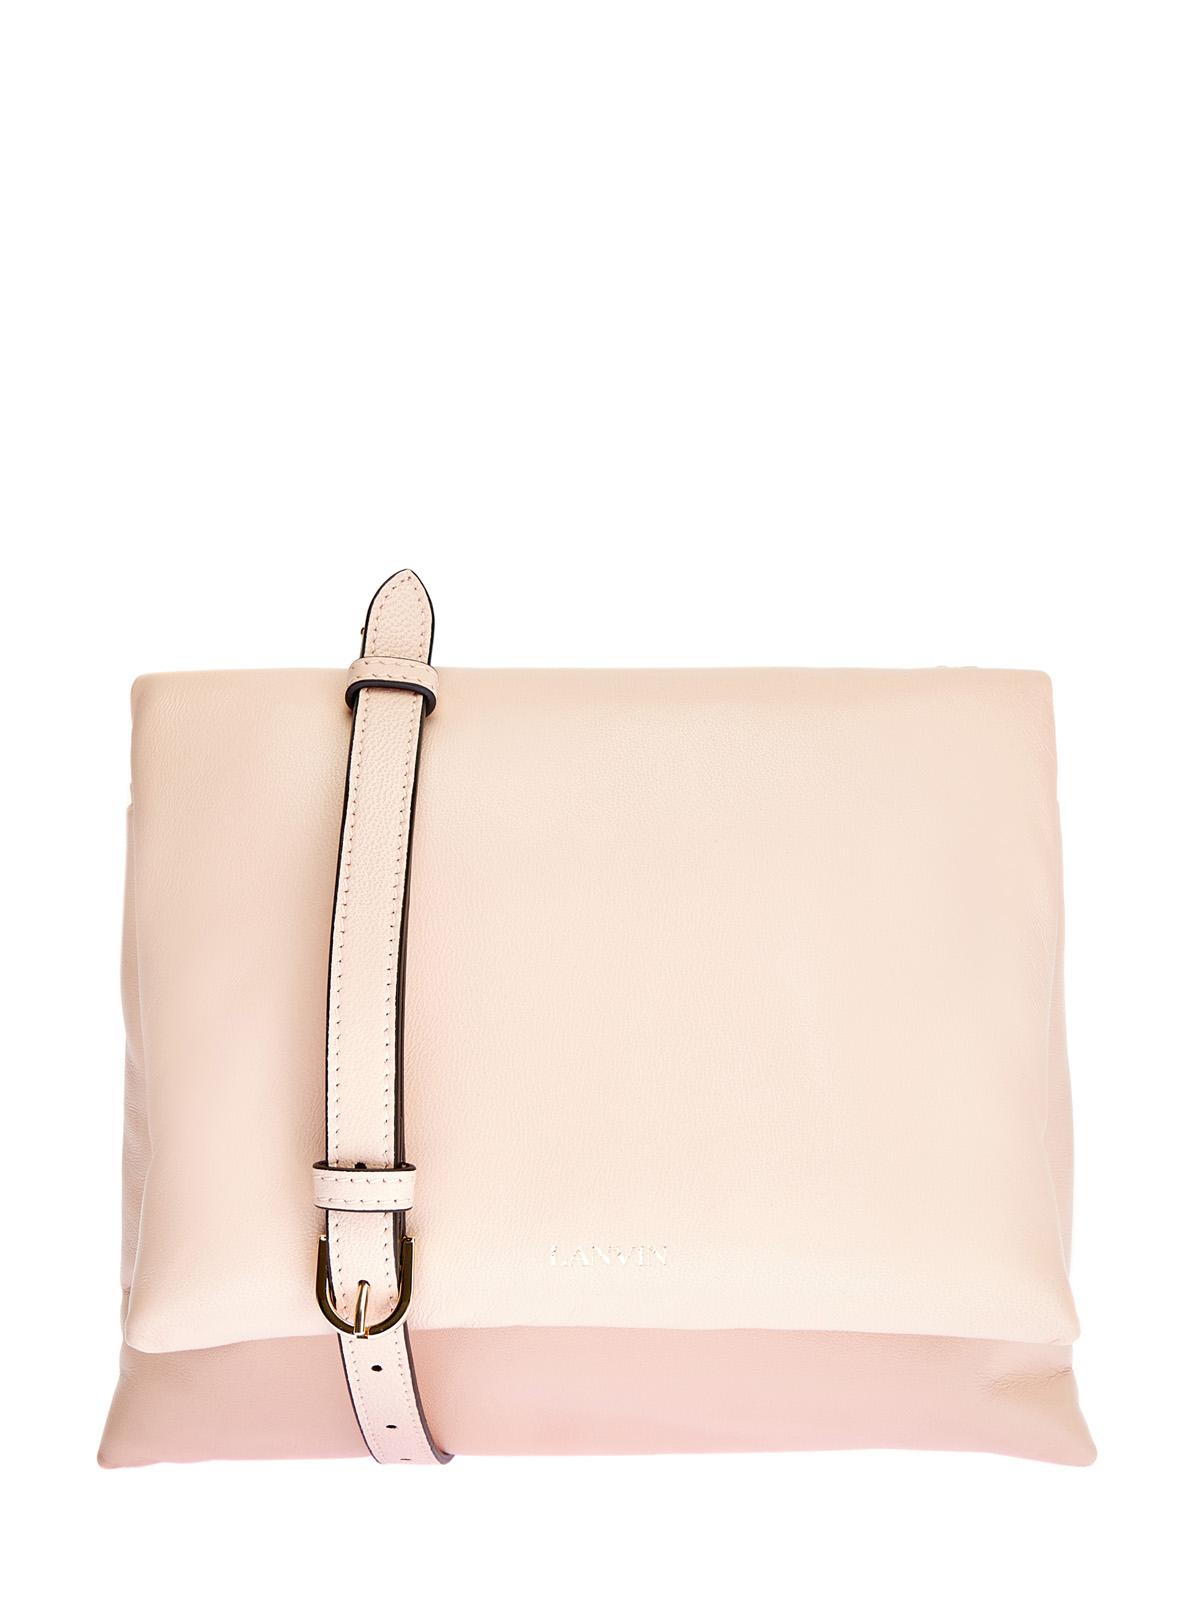 Пудровая сумка Sugar изматовой кожи наппа